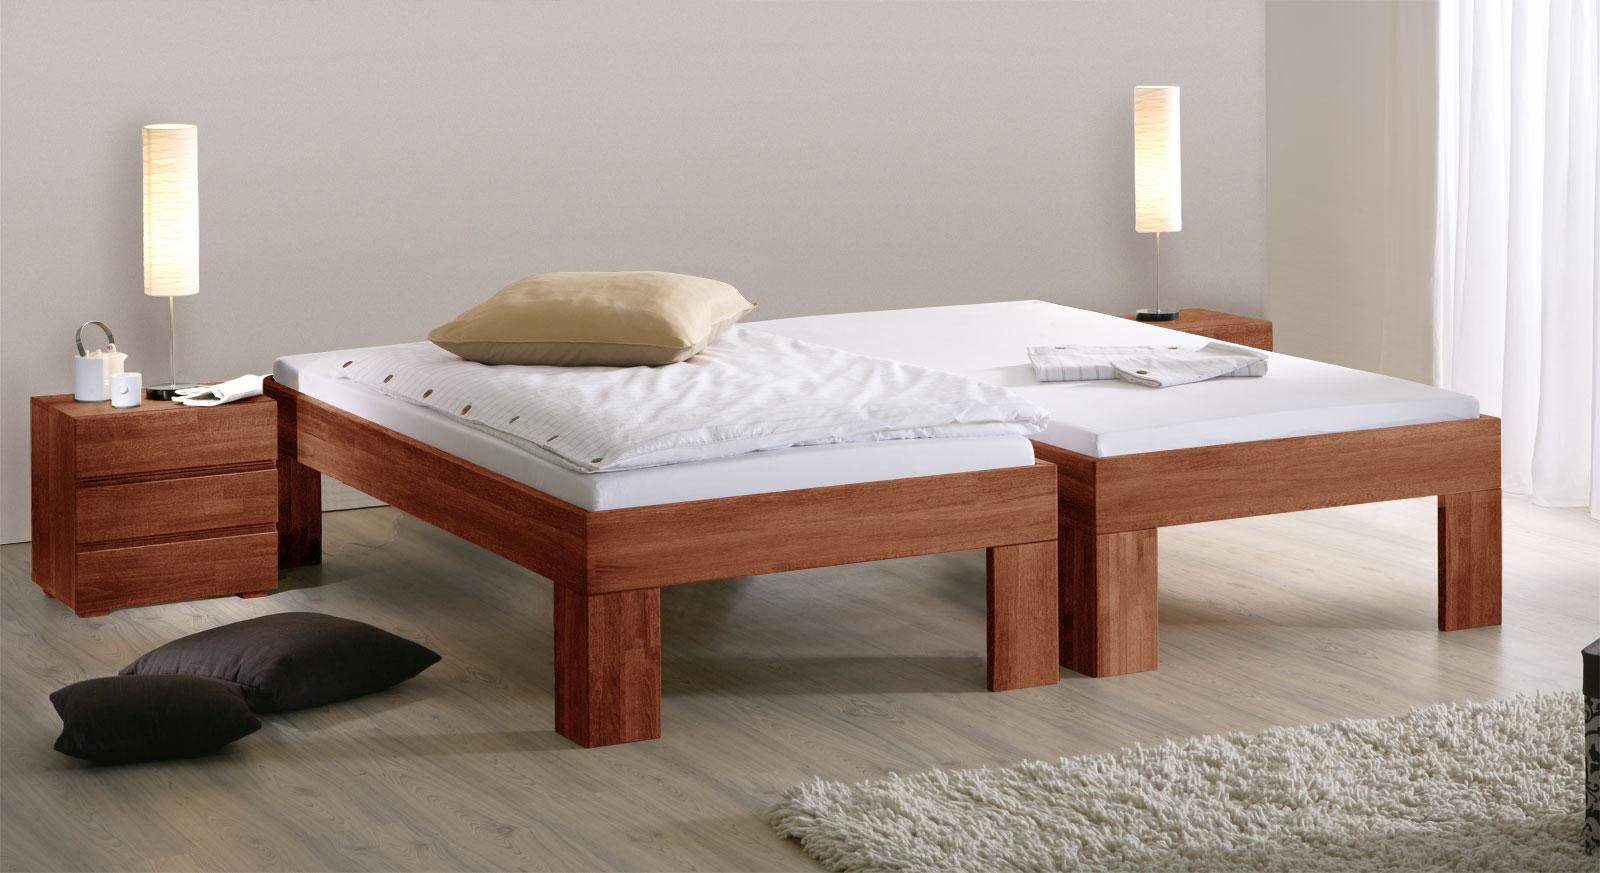 Bett Lucca Komfort mit der Fusshöhe 30cm in Kirschbaum.